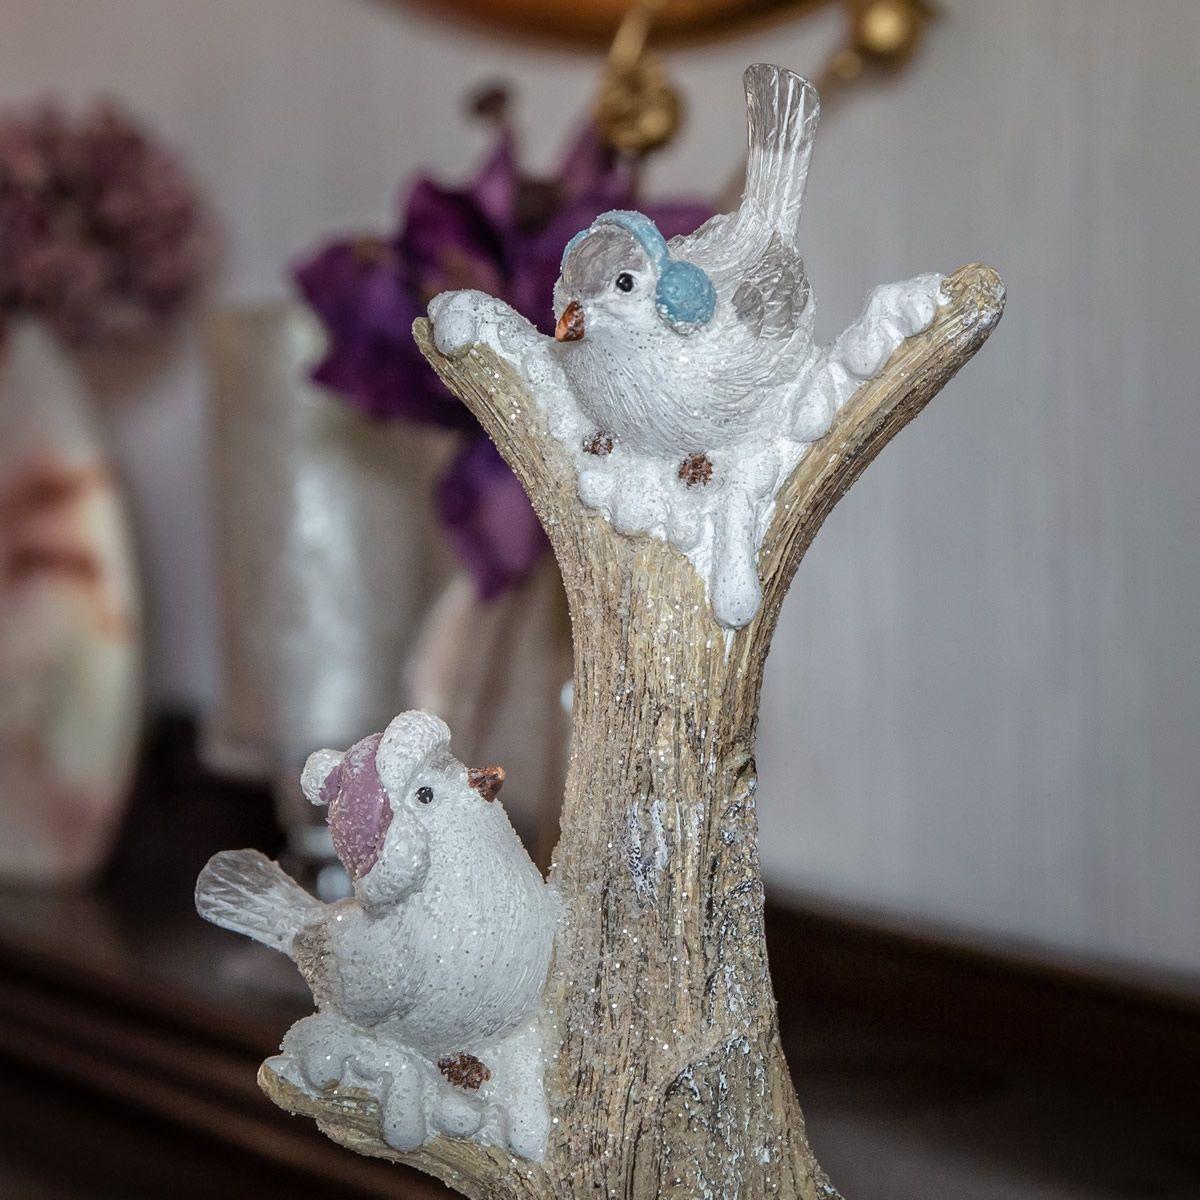 Vogel Paar Auf Stamm Winter Weihnachtsdekoration Tierfigur Hohe 34cm Objekt Deko Ideen Dekoartikel Dekoration Weihnachtsdekoration Weihnachtsdeko Deko